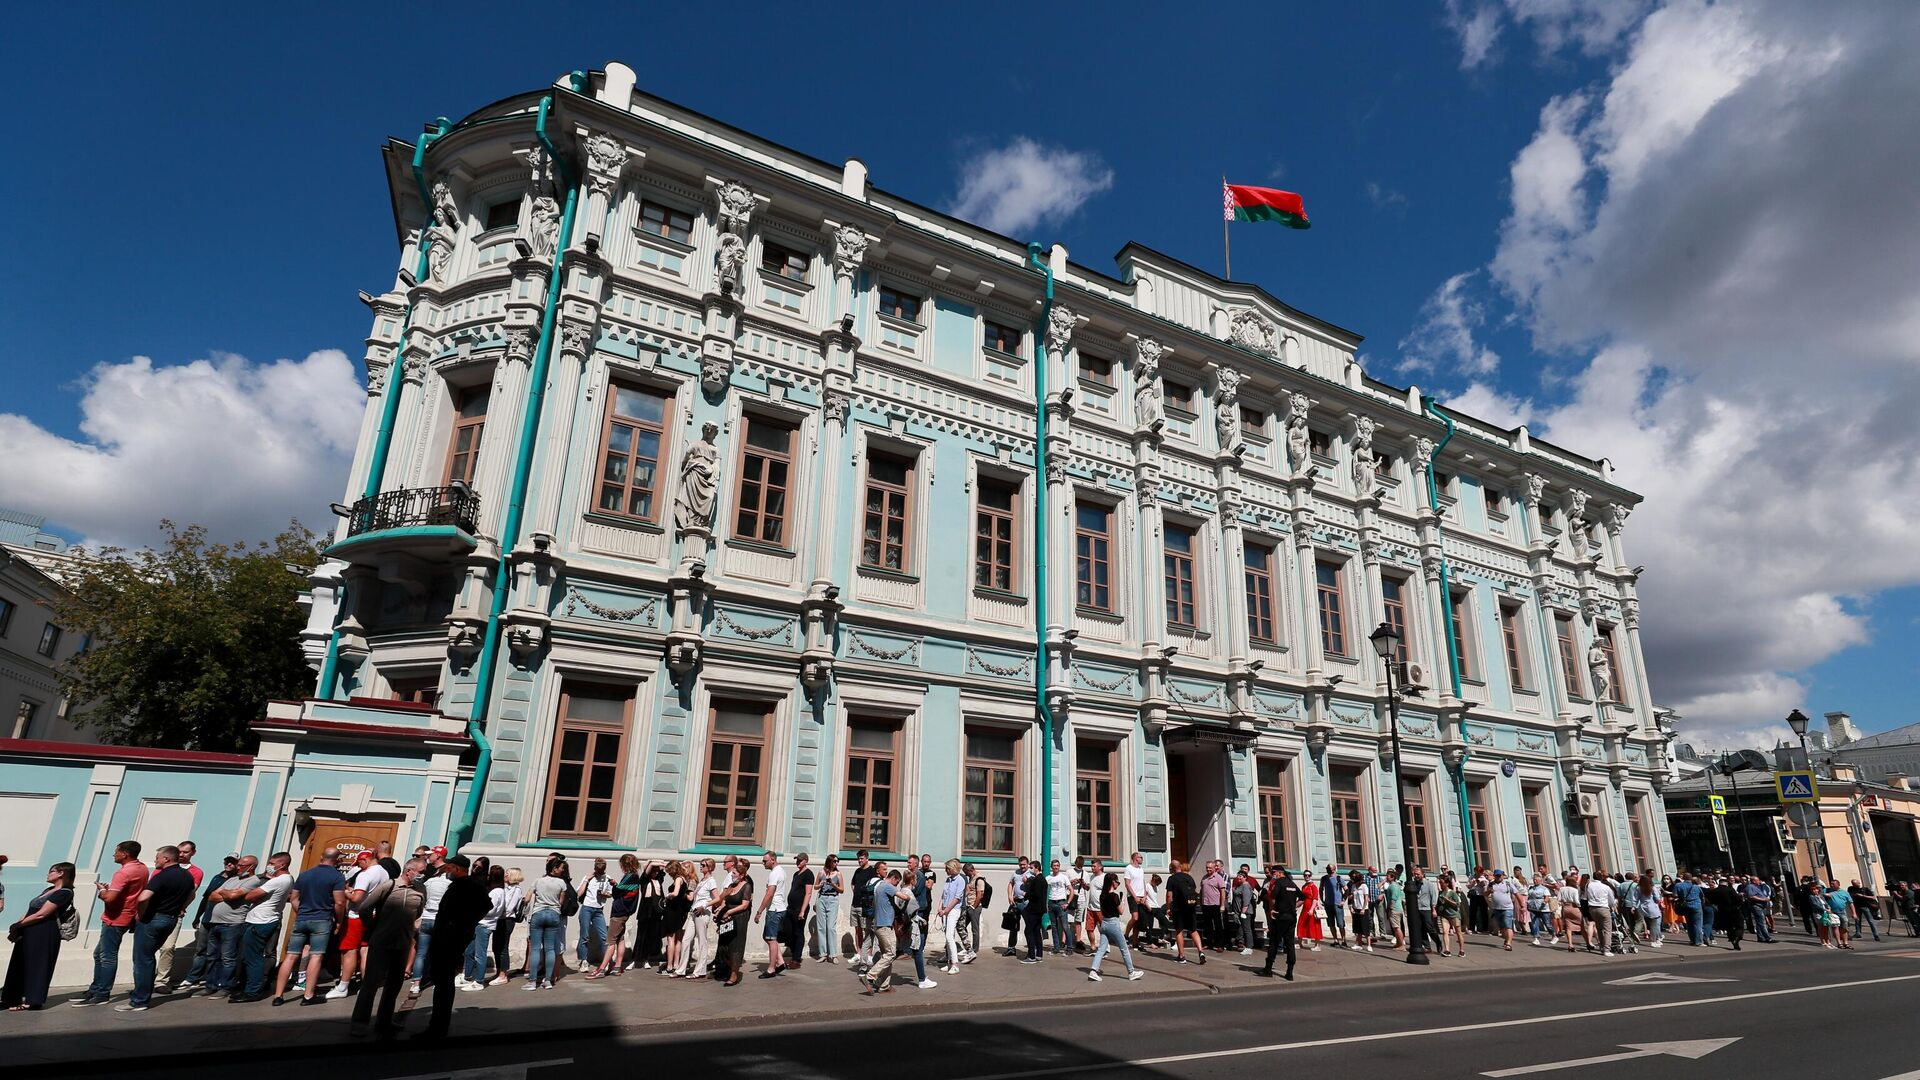 Здание посольства Белорусии в Москве  - РИА Новости, 1920, 12.07.2021